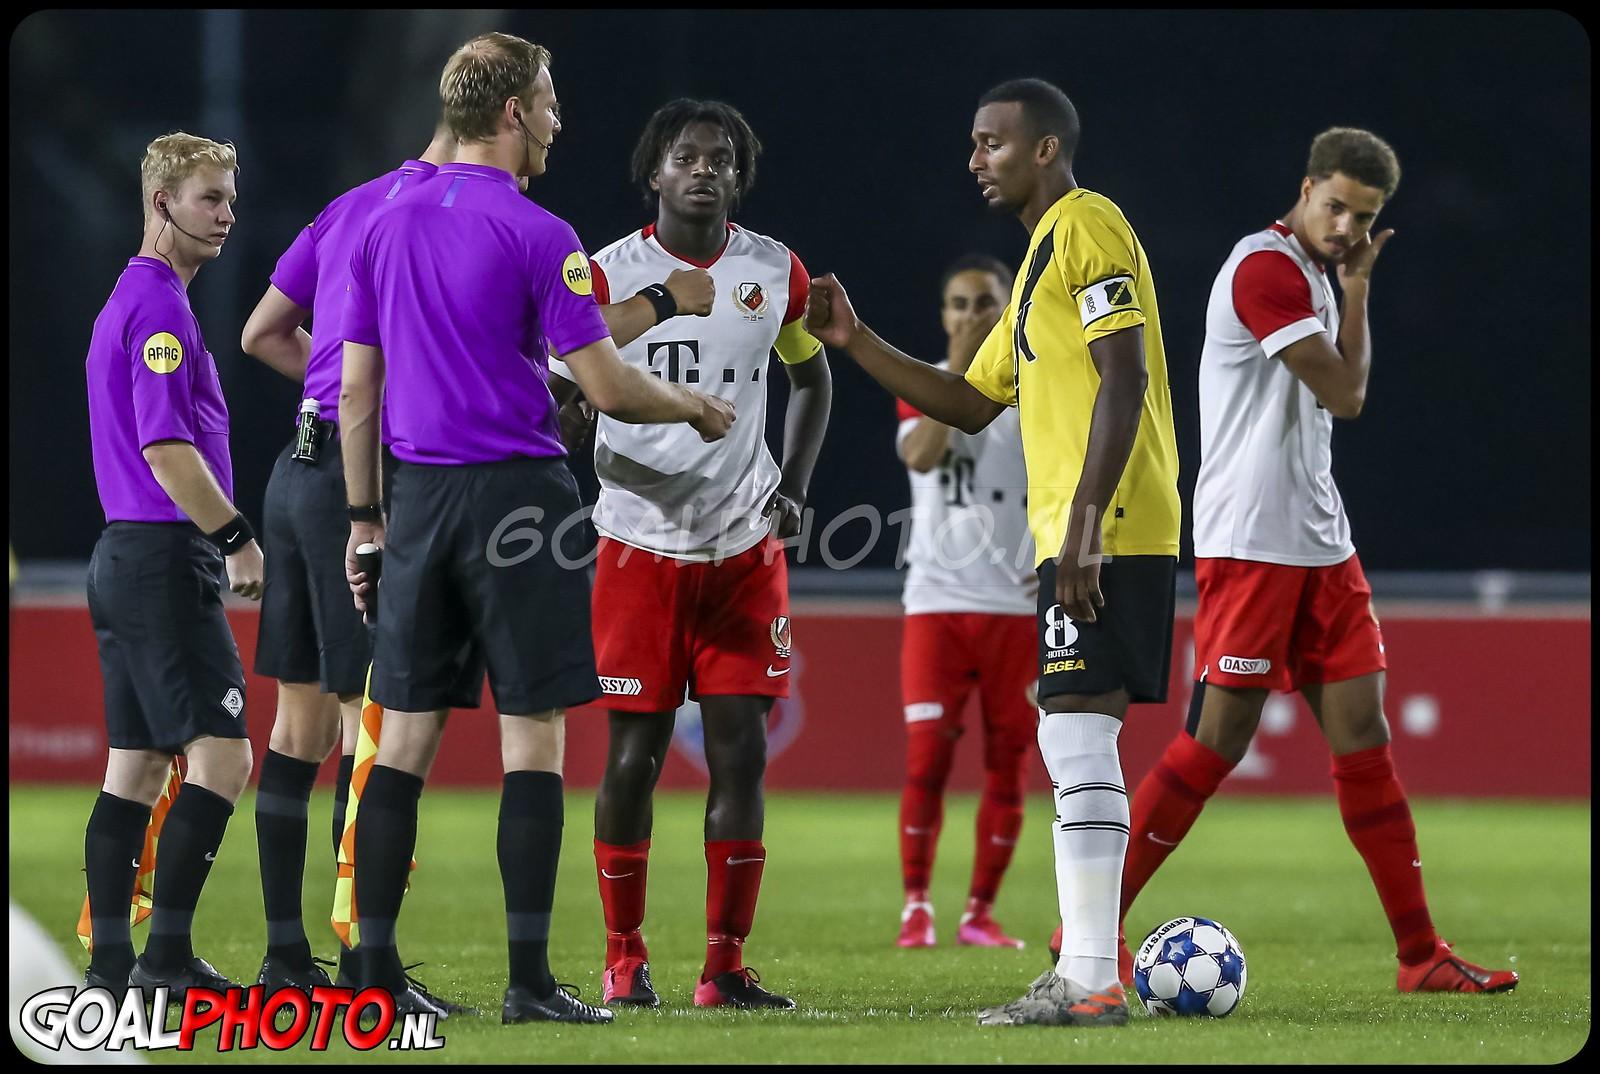 Jong FC Utrecht - NAC 21-09-2020